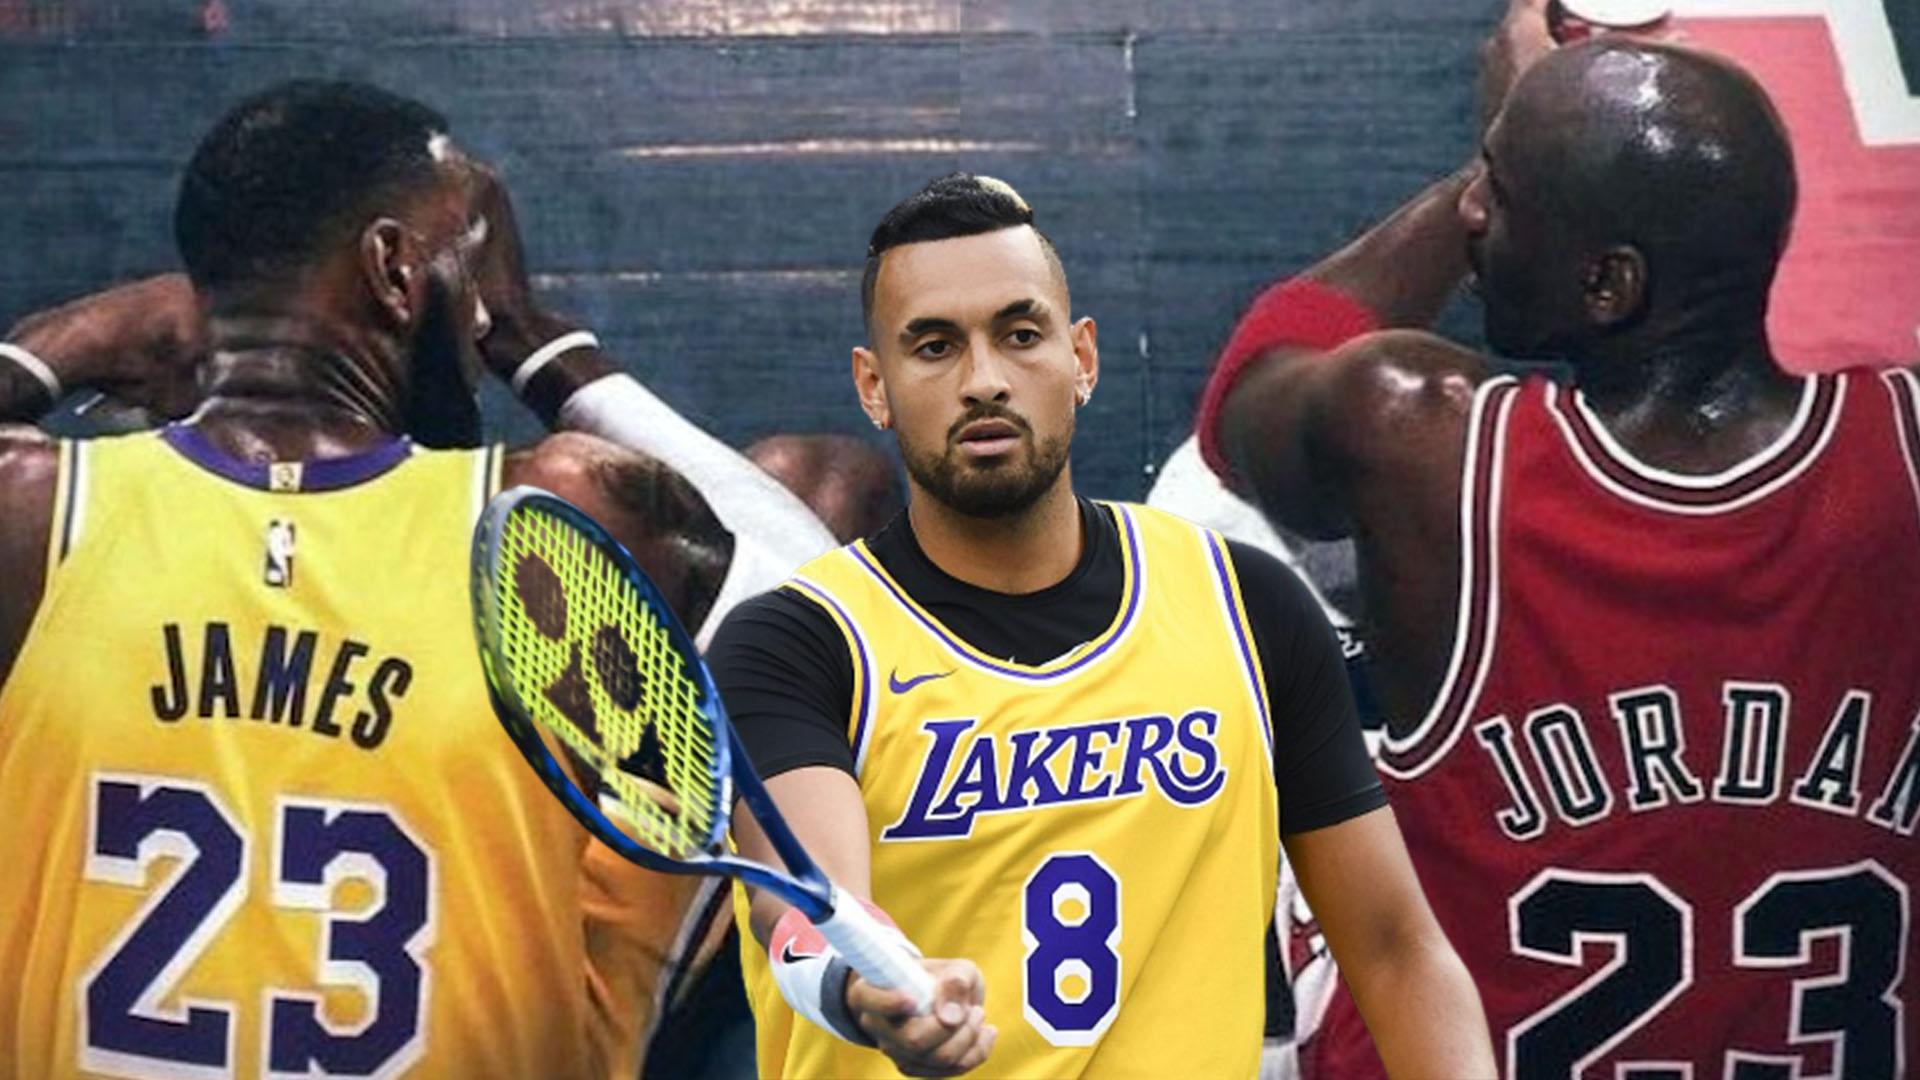 NBA LeBron Jordan Kyrgios